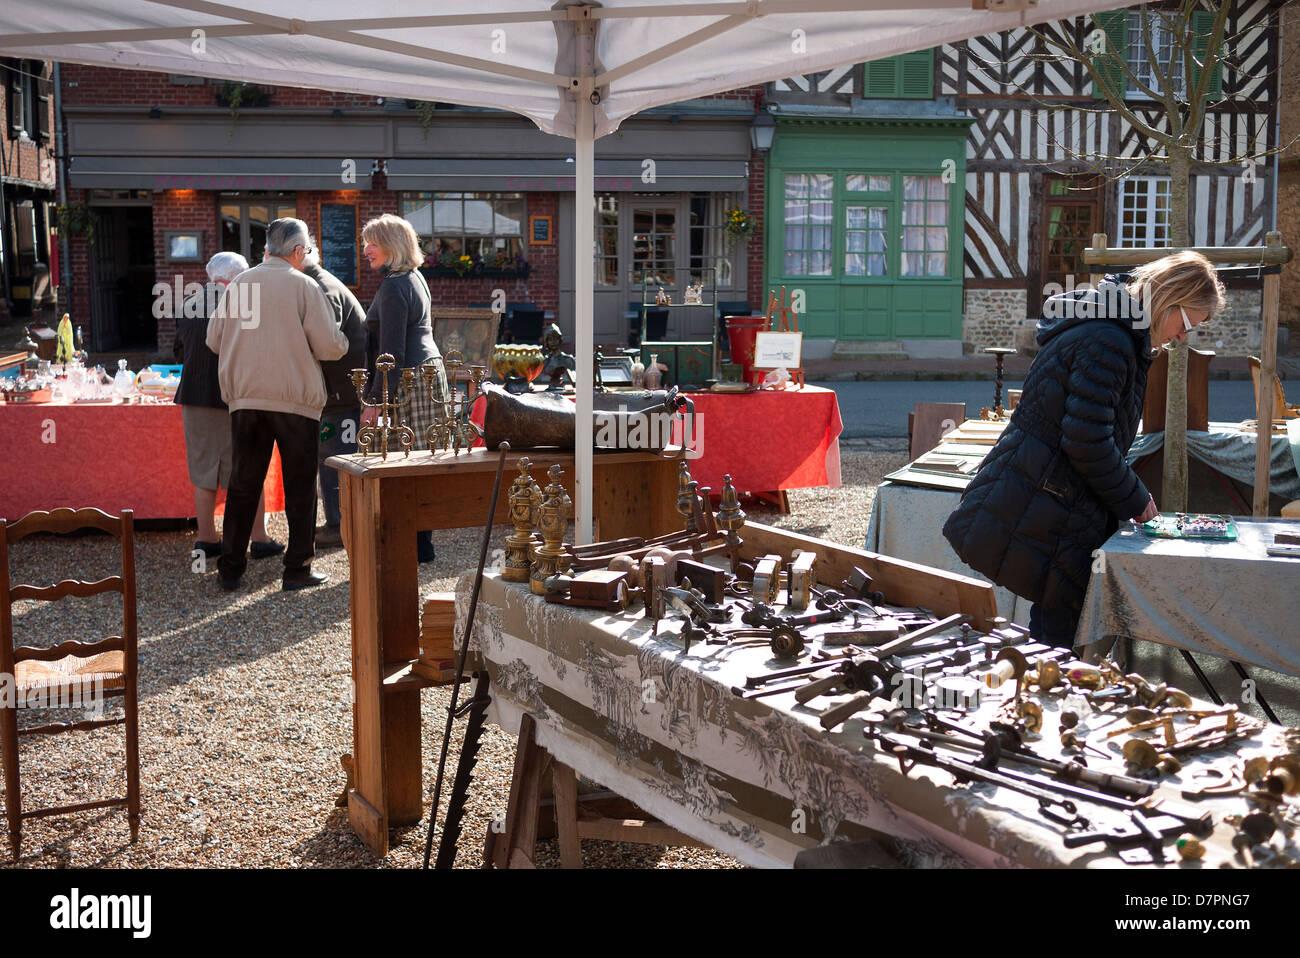 Feria de Antigüedades en Beuvron-en-Auge, Francia. Imagen De Stock